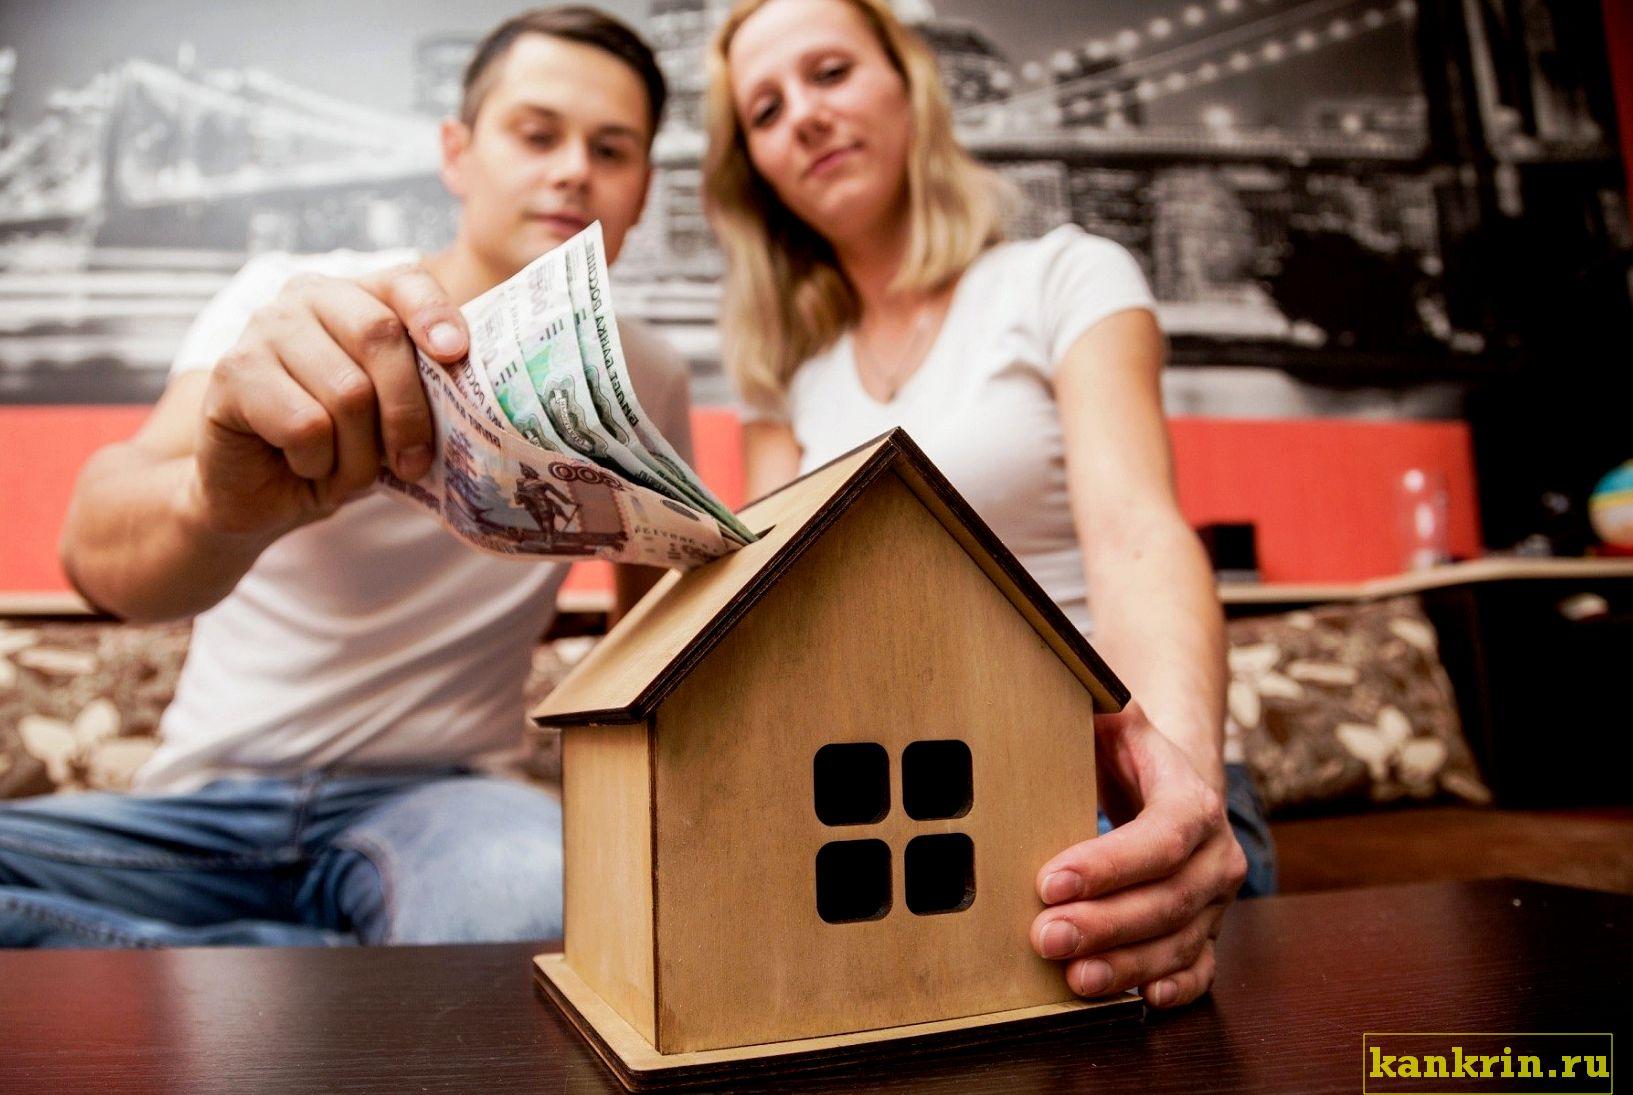 Сколько зарплат должна стоить квартира